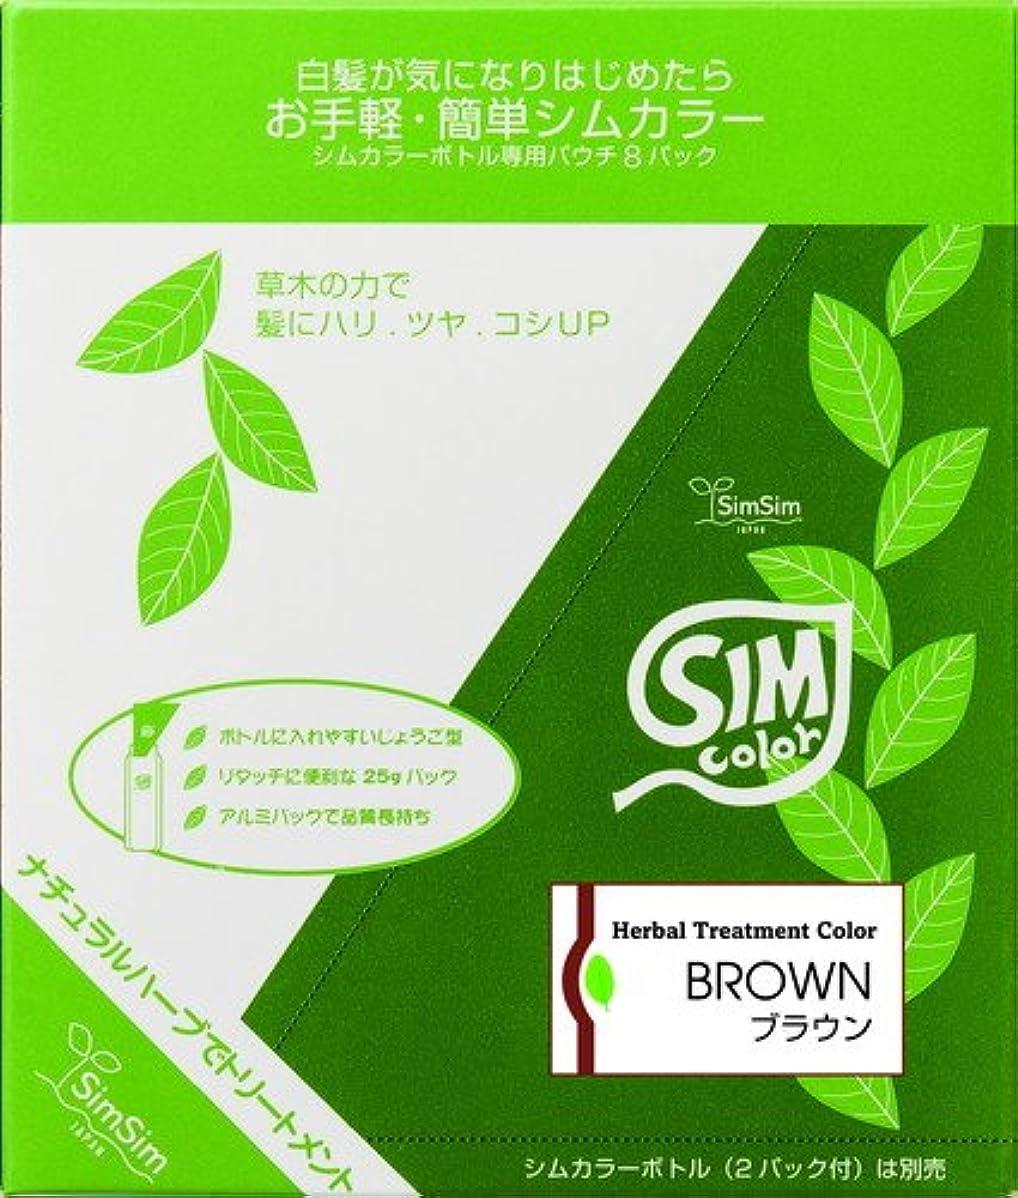 バング区画東SimSim(シムシム)お手軽簡単シムカラーエクストラ(EX)25g 8袋 ブラウン